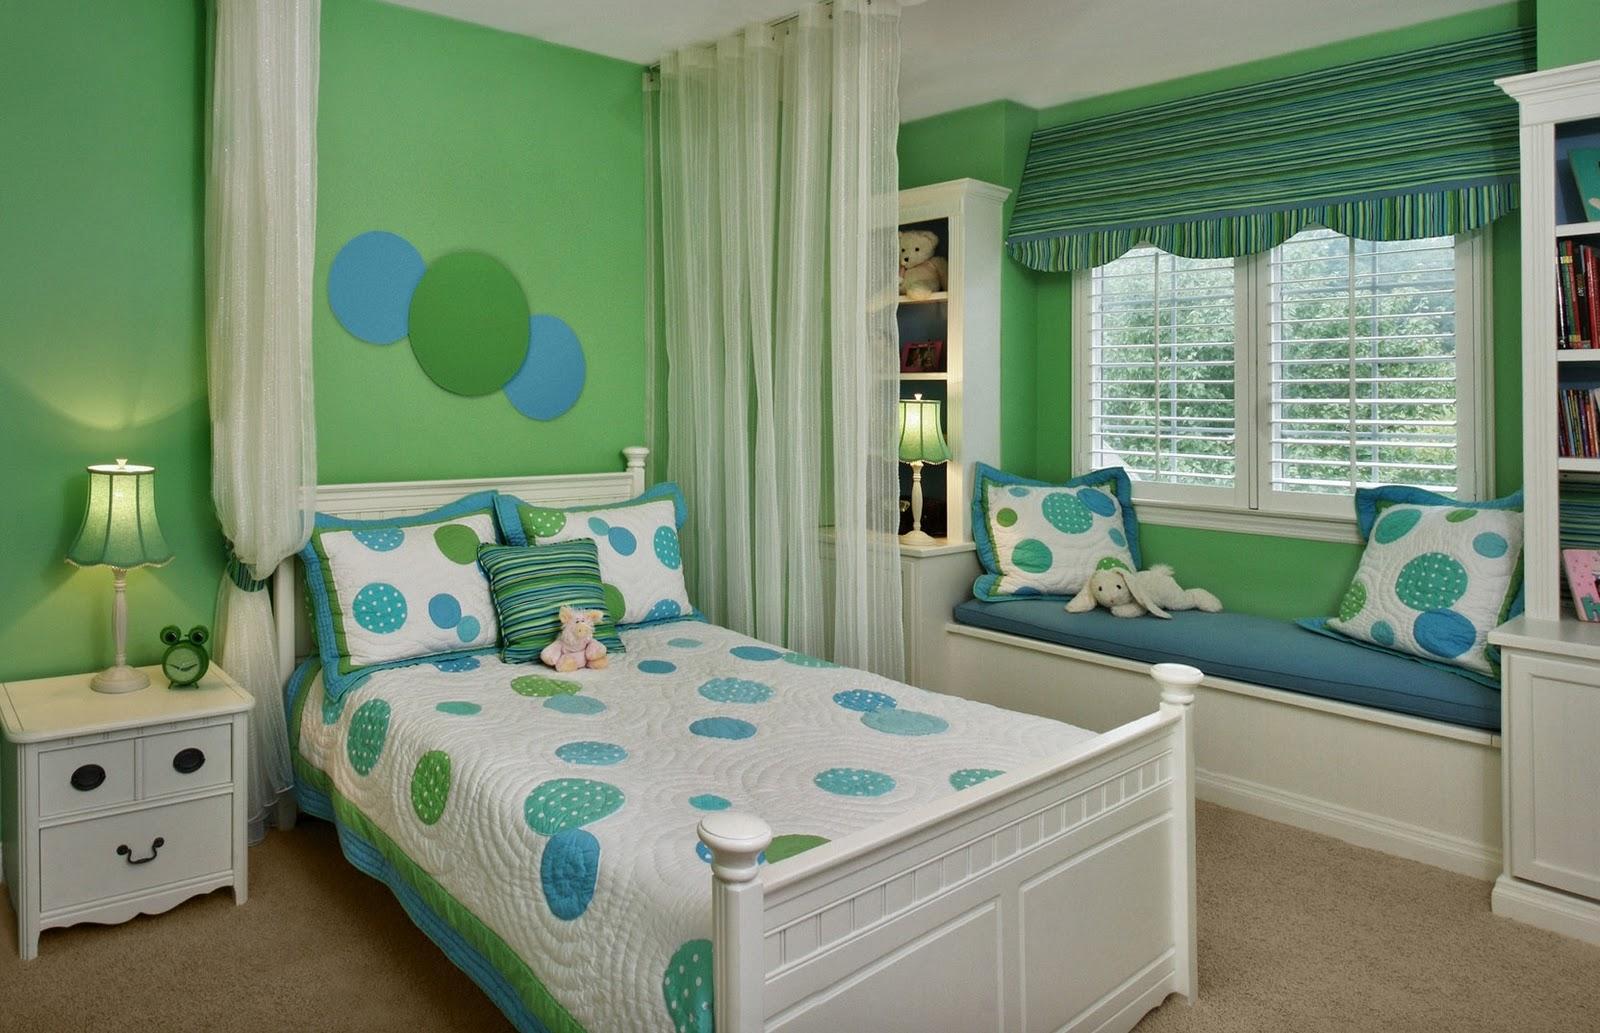 Декор детской комнаты зеленый